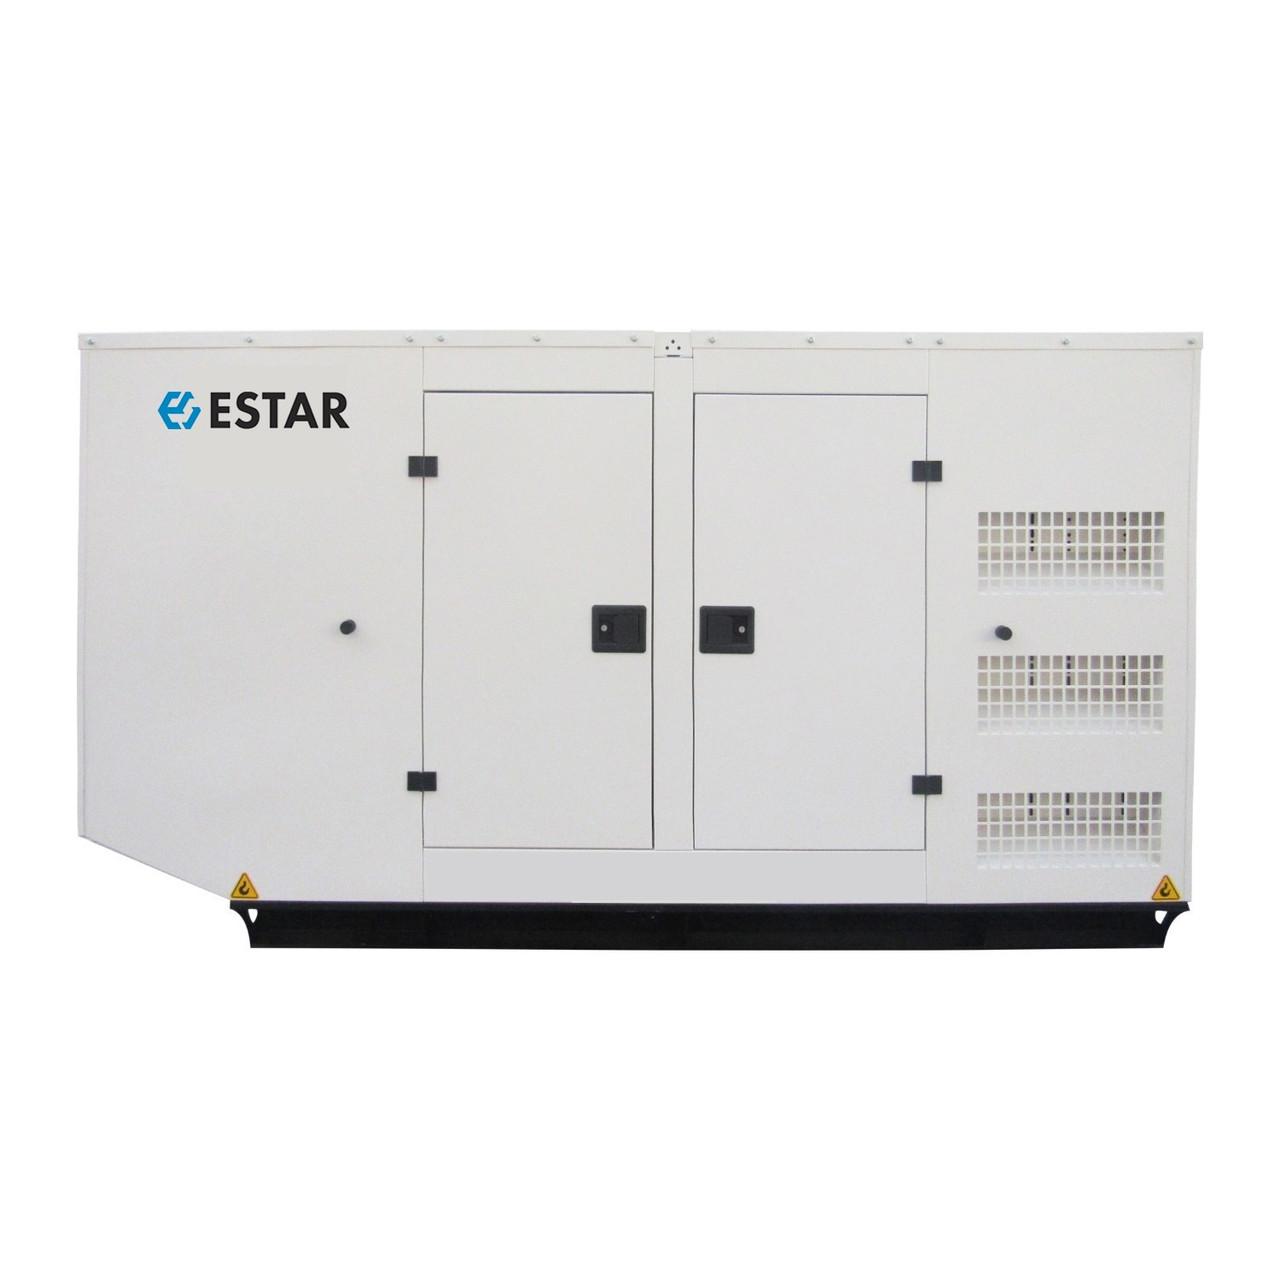 ⚡ESTAR ES170-RSA (136 кВт) + АВР (подогрев и автоматический запуск)